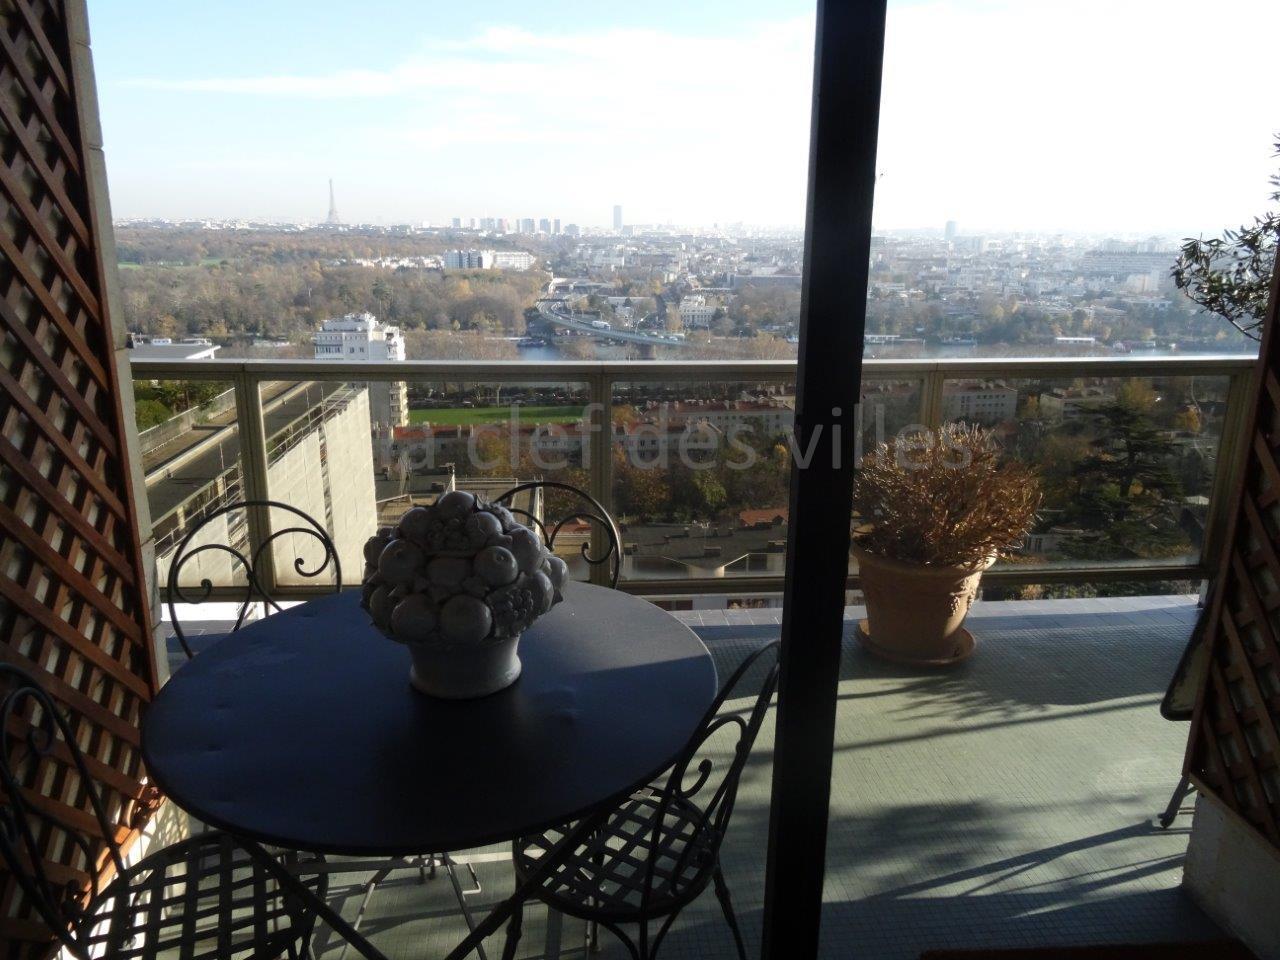 la-clef-des-villes-agence-immobiliere-boulogne-billancourt-chasseur-immobilier-hauts-de-seine-92-arnaud-mascarel-vente-appartement-saint-cloud-photo-bois-de-boulogne